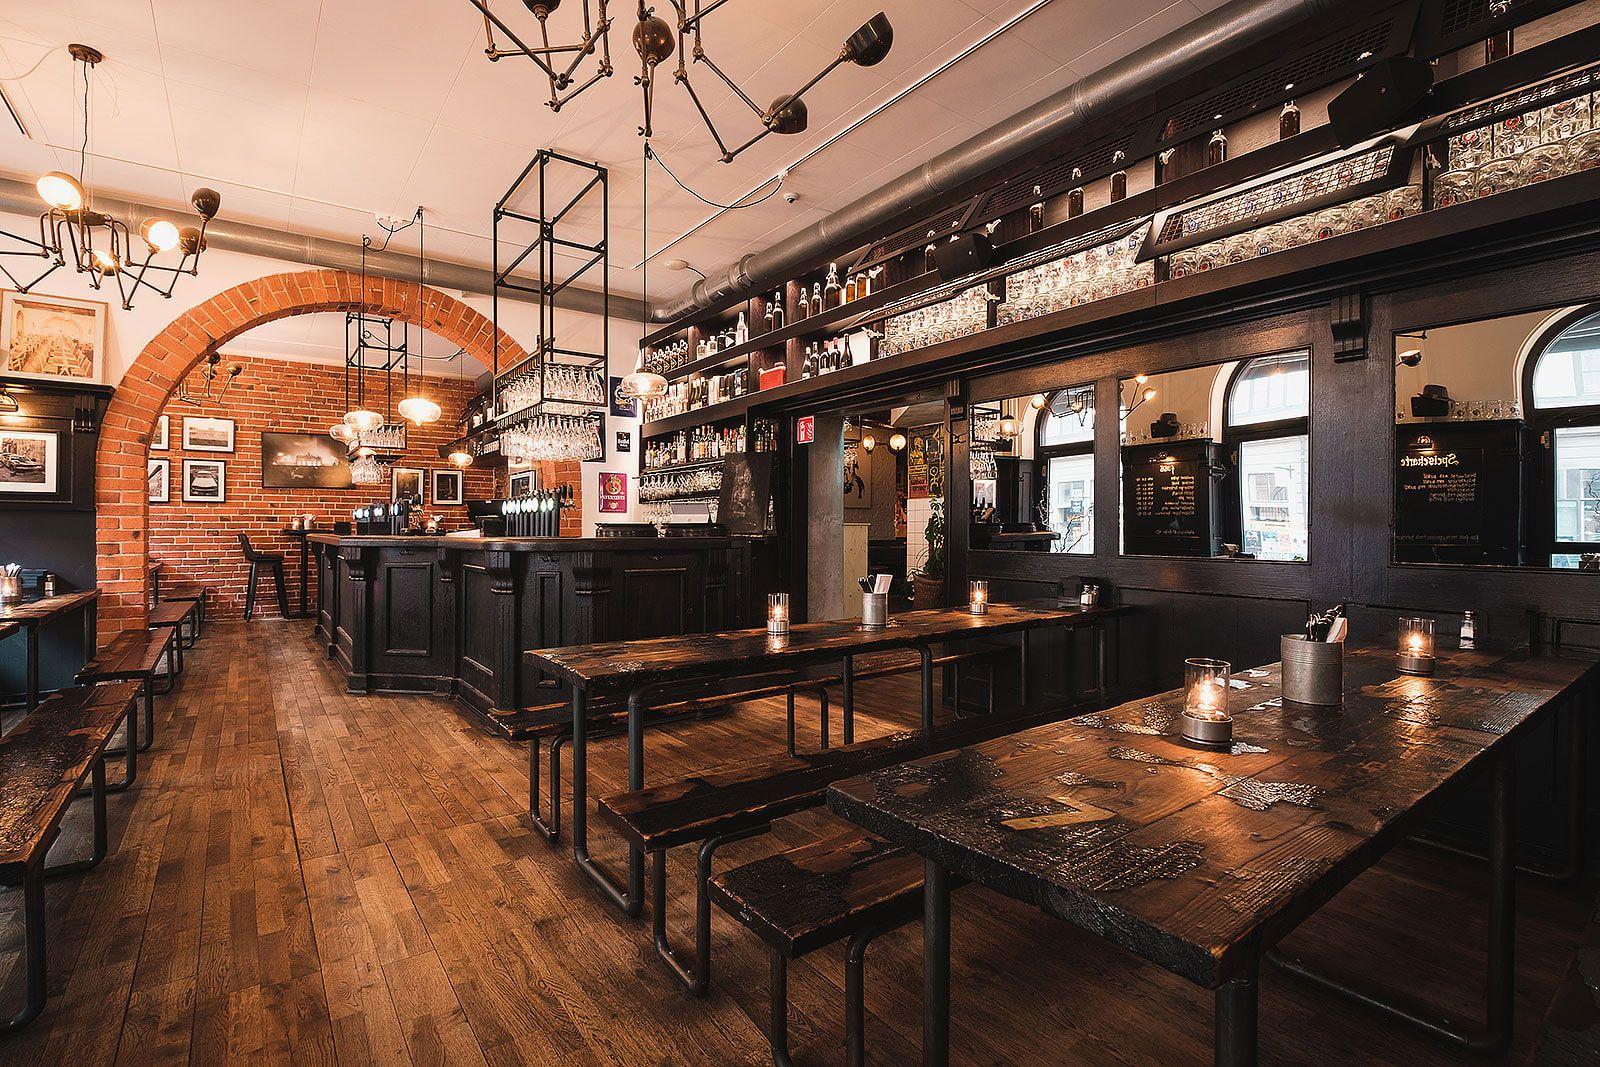 Vasastan Stockholm karta - garagesale24.net